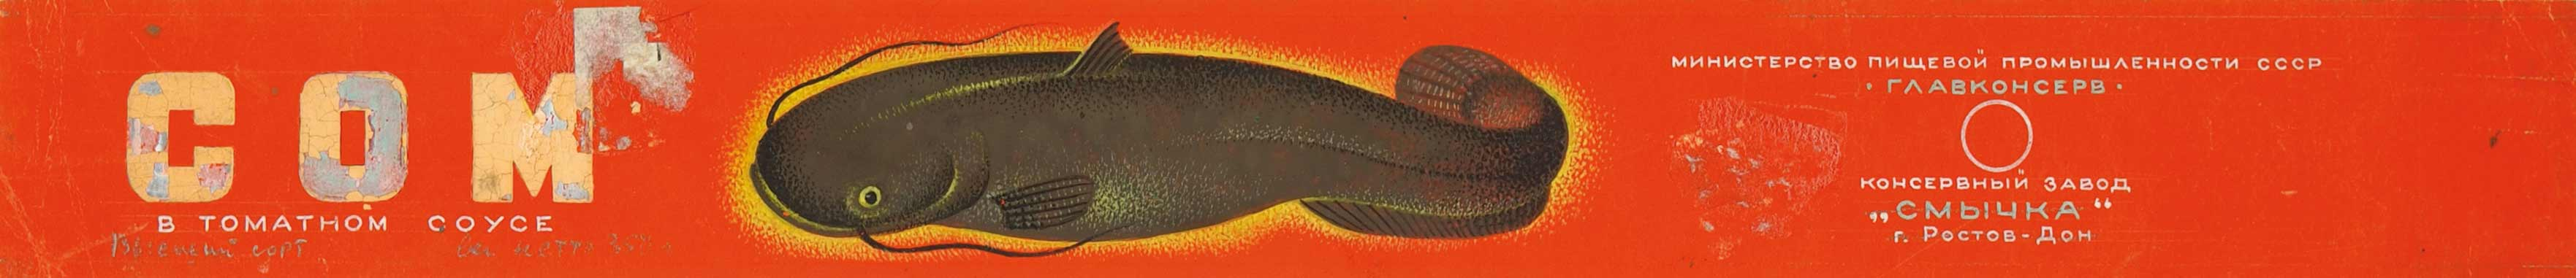 1950. Образец дизайна этикетки для консервов «Сом в томатном соусе».